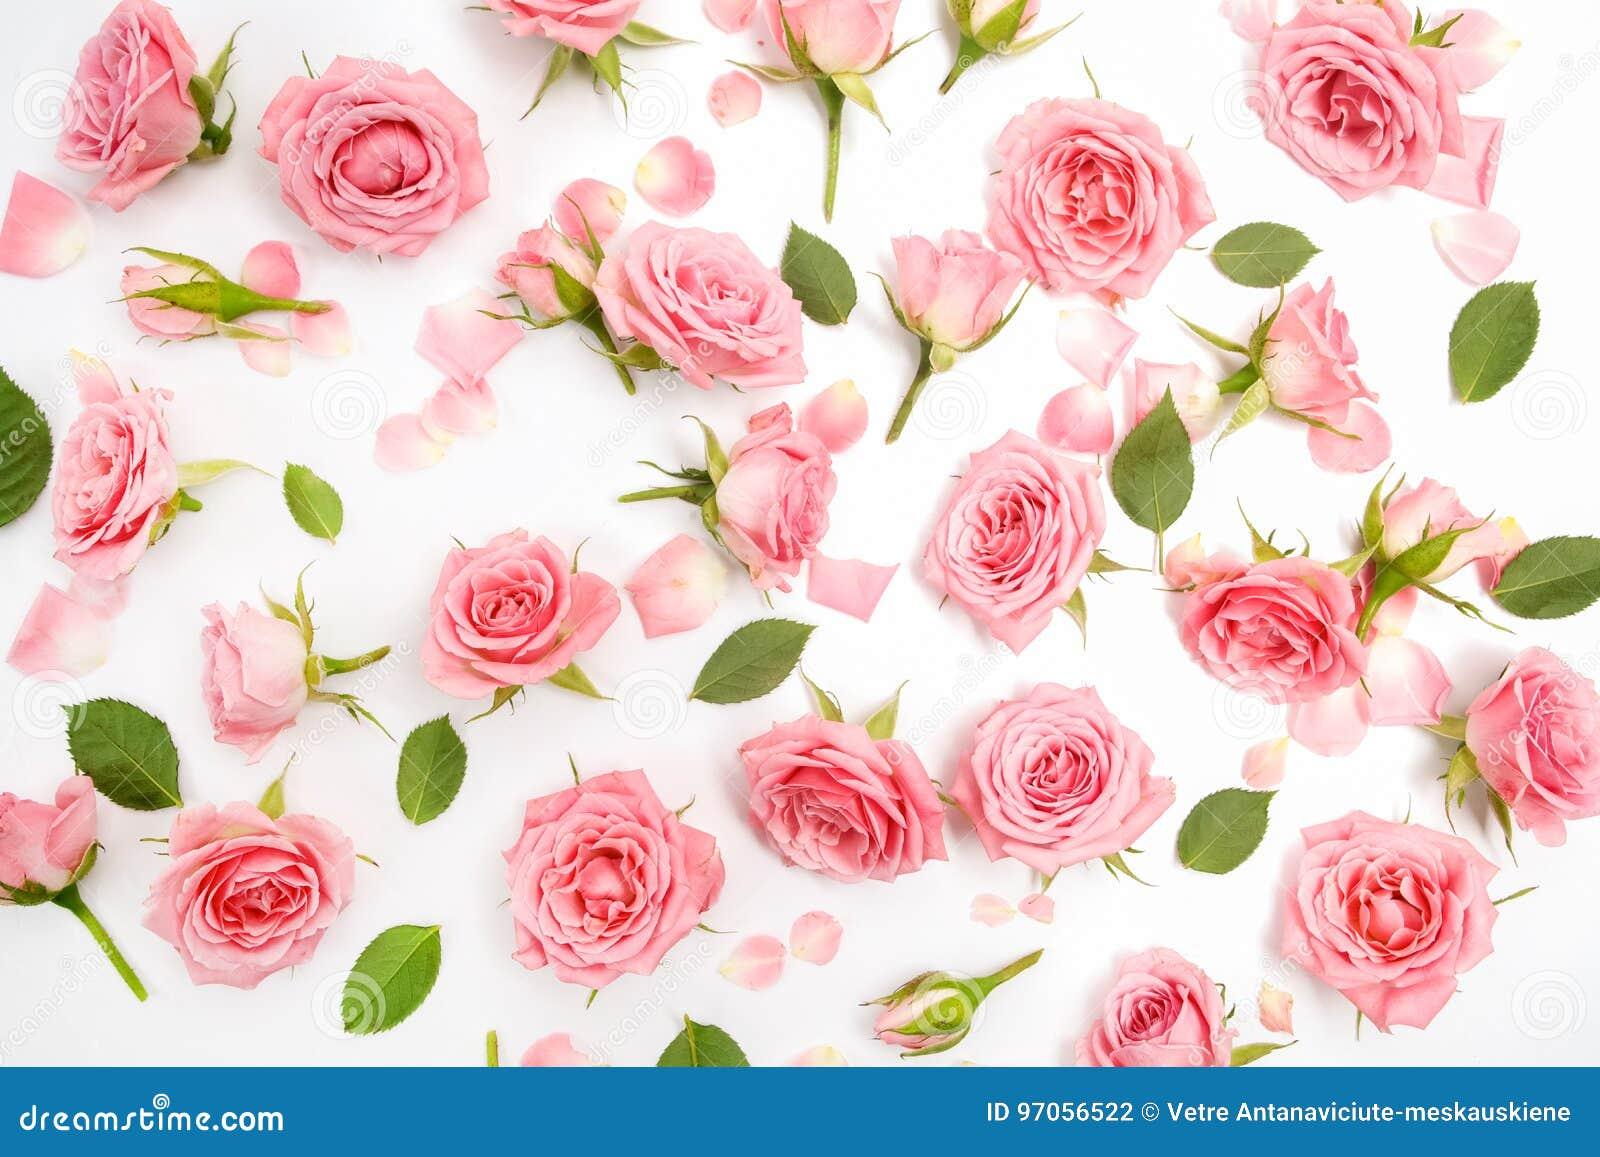 Цветочный узор сделанный розовых роз, зеленых листьев, ветвей на белой предпосылке Плоское положение, взгляд сверху желтый цвет к